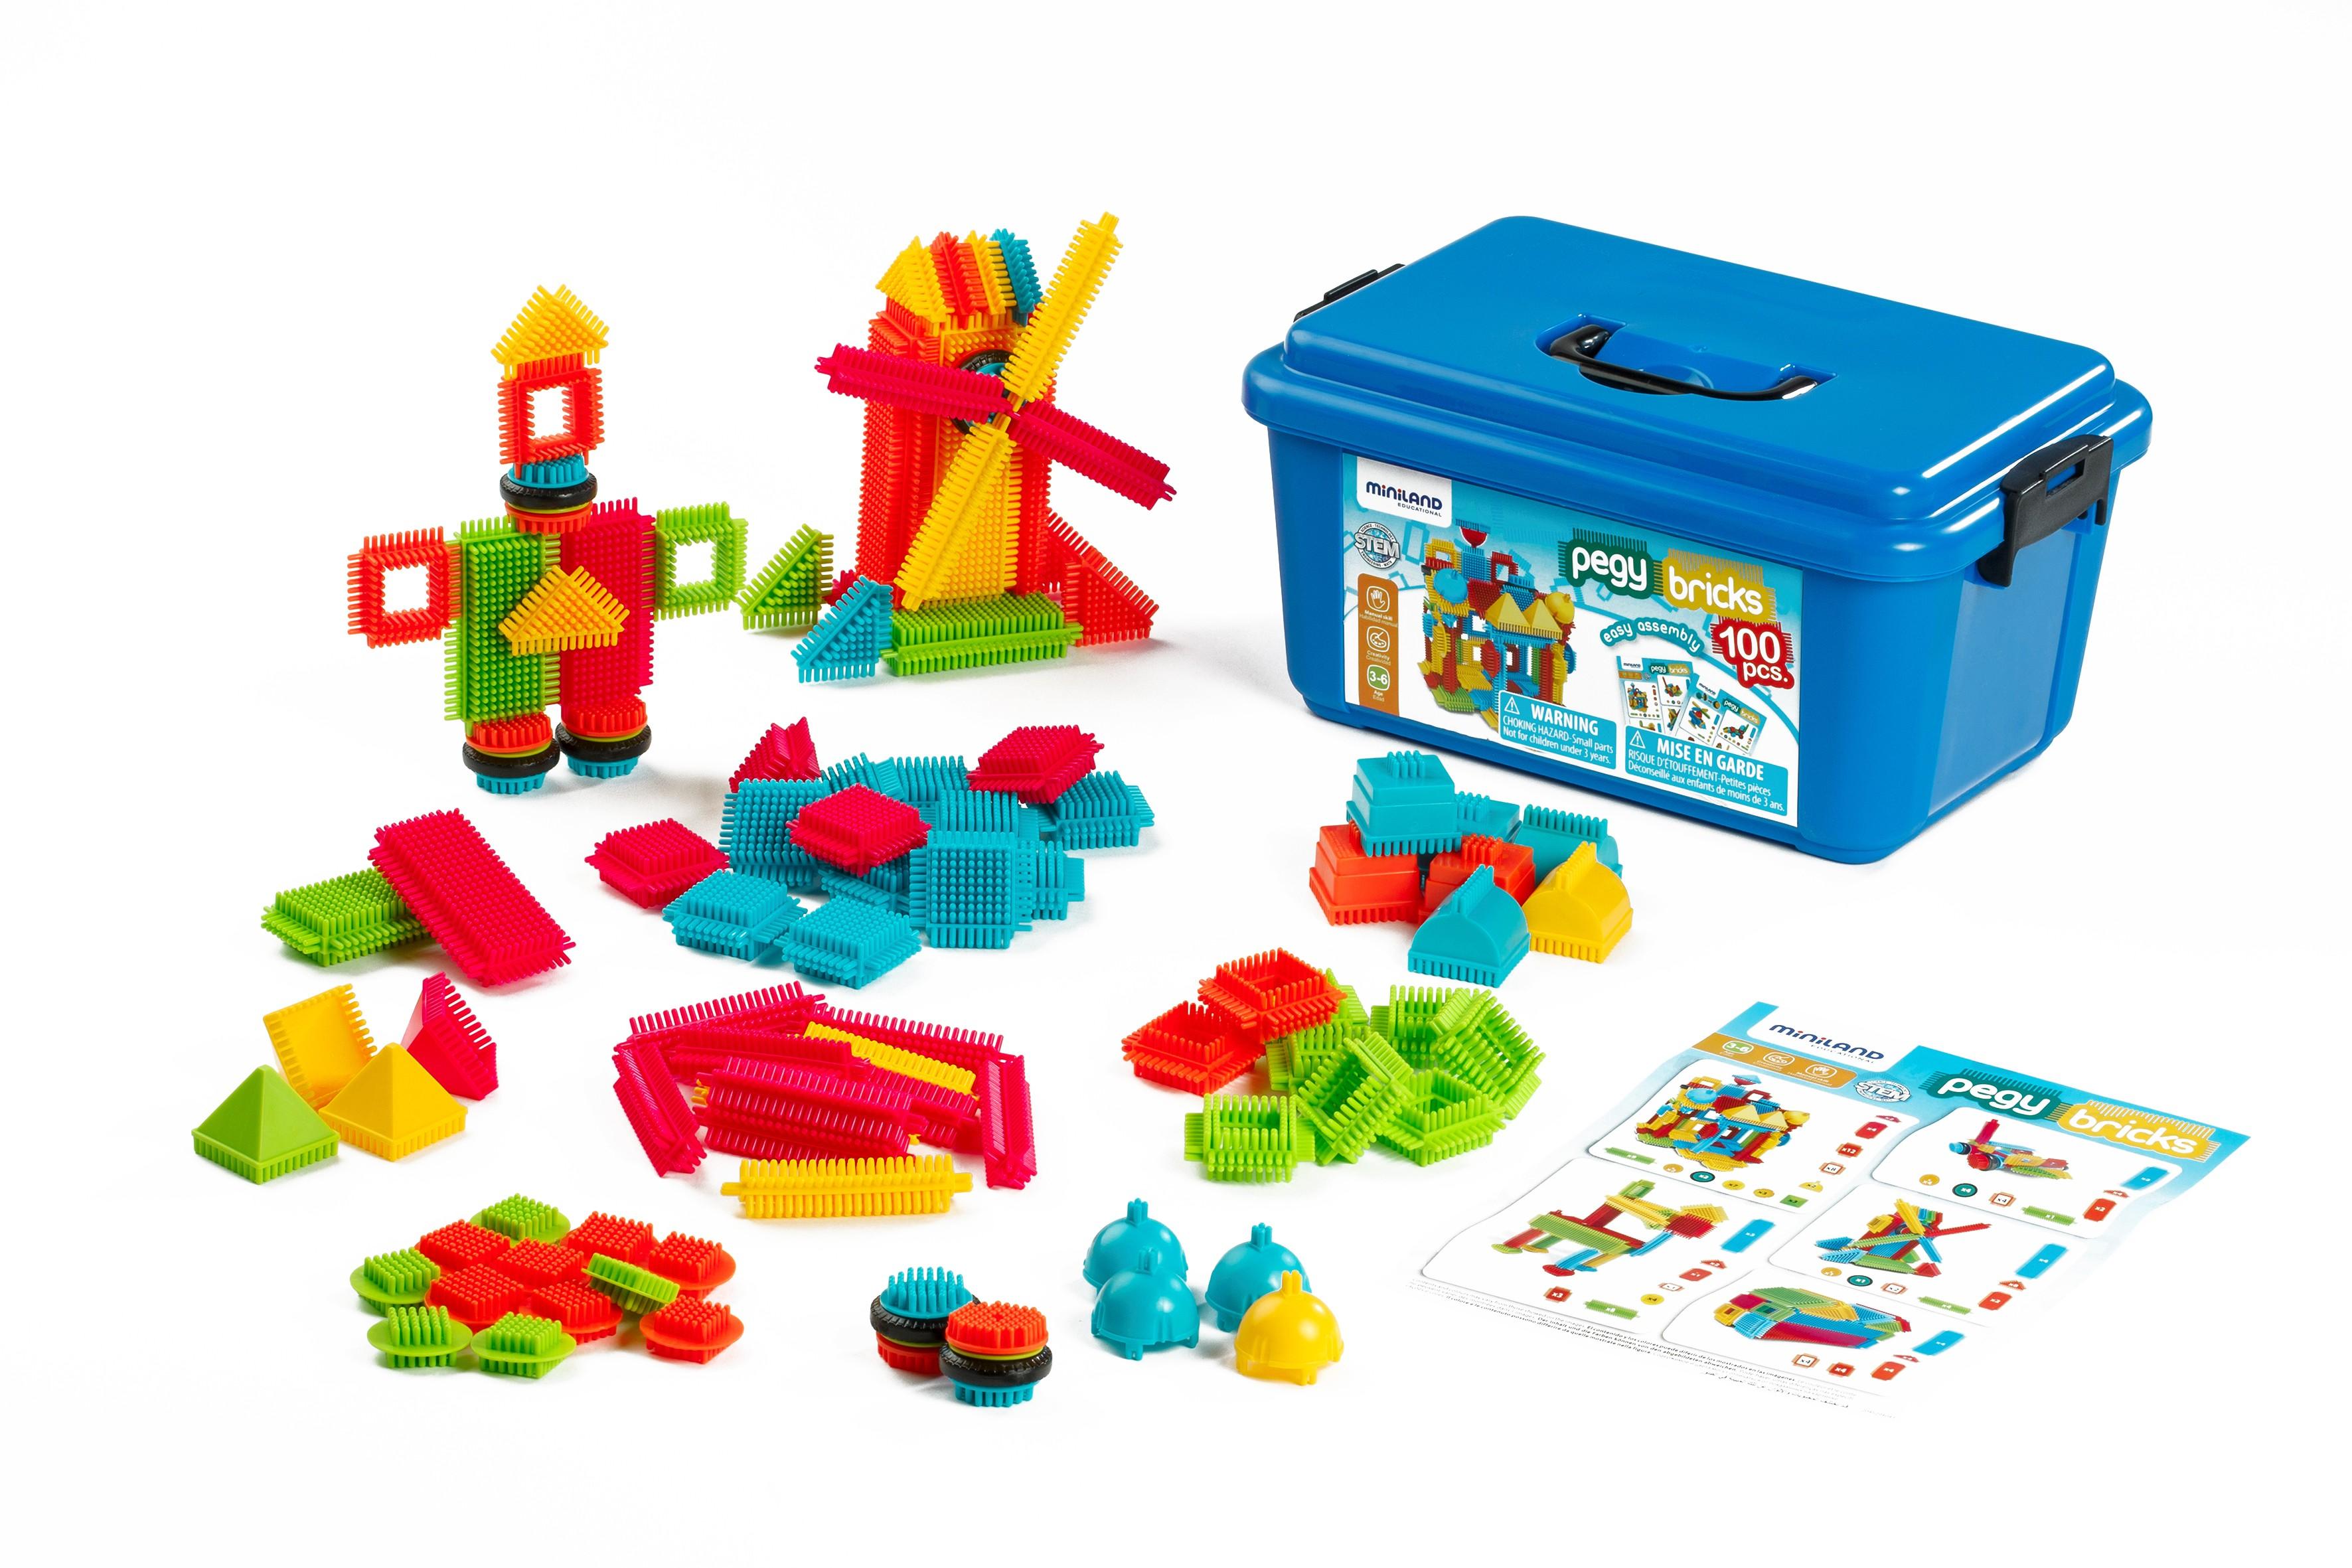 Joc de constructii Pegy Bricks 100 Miniland